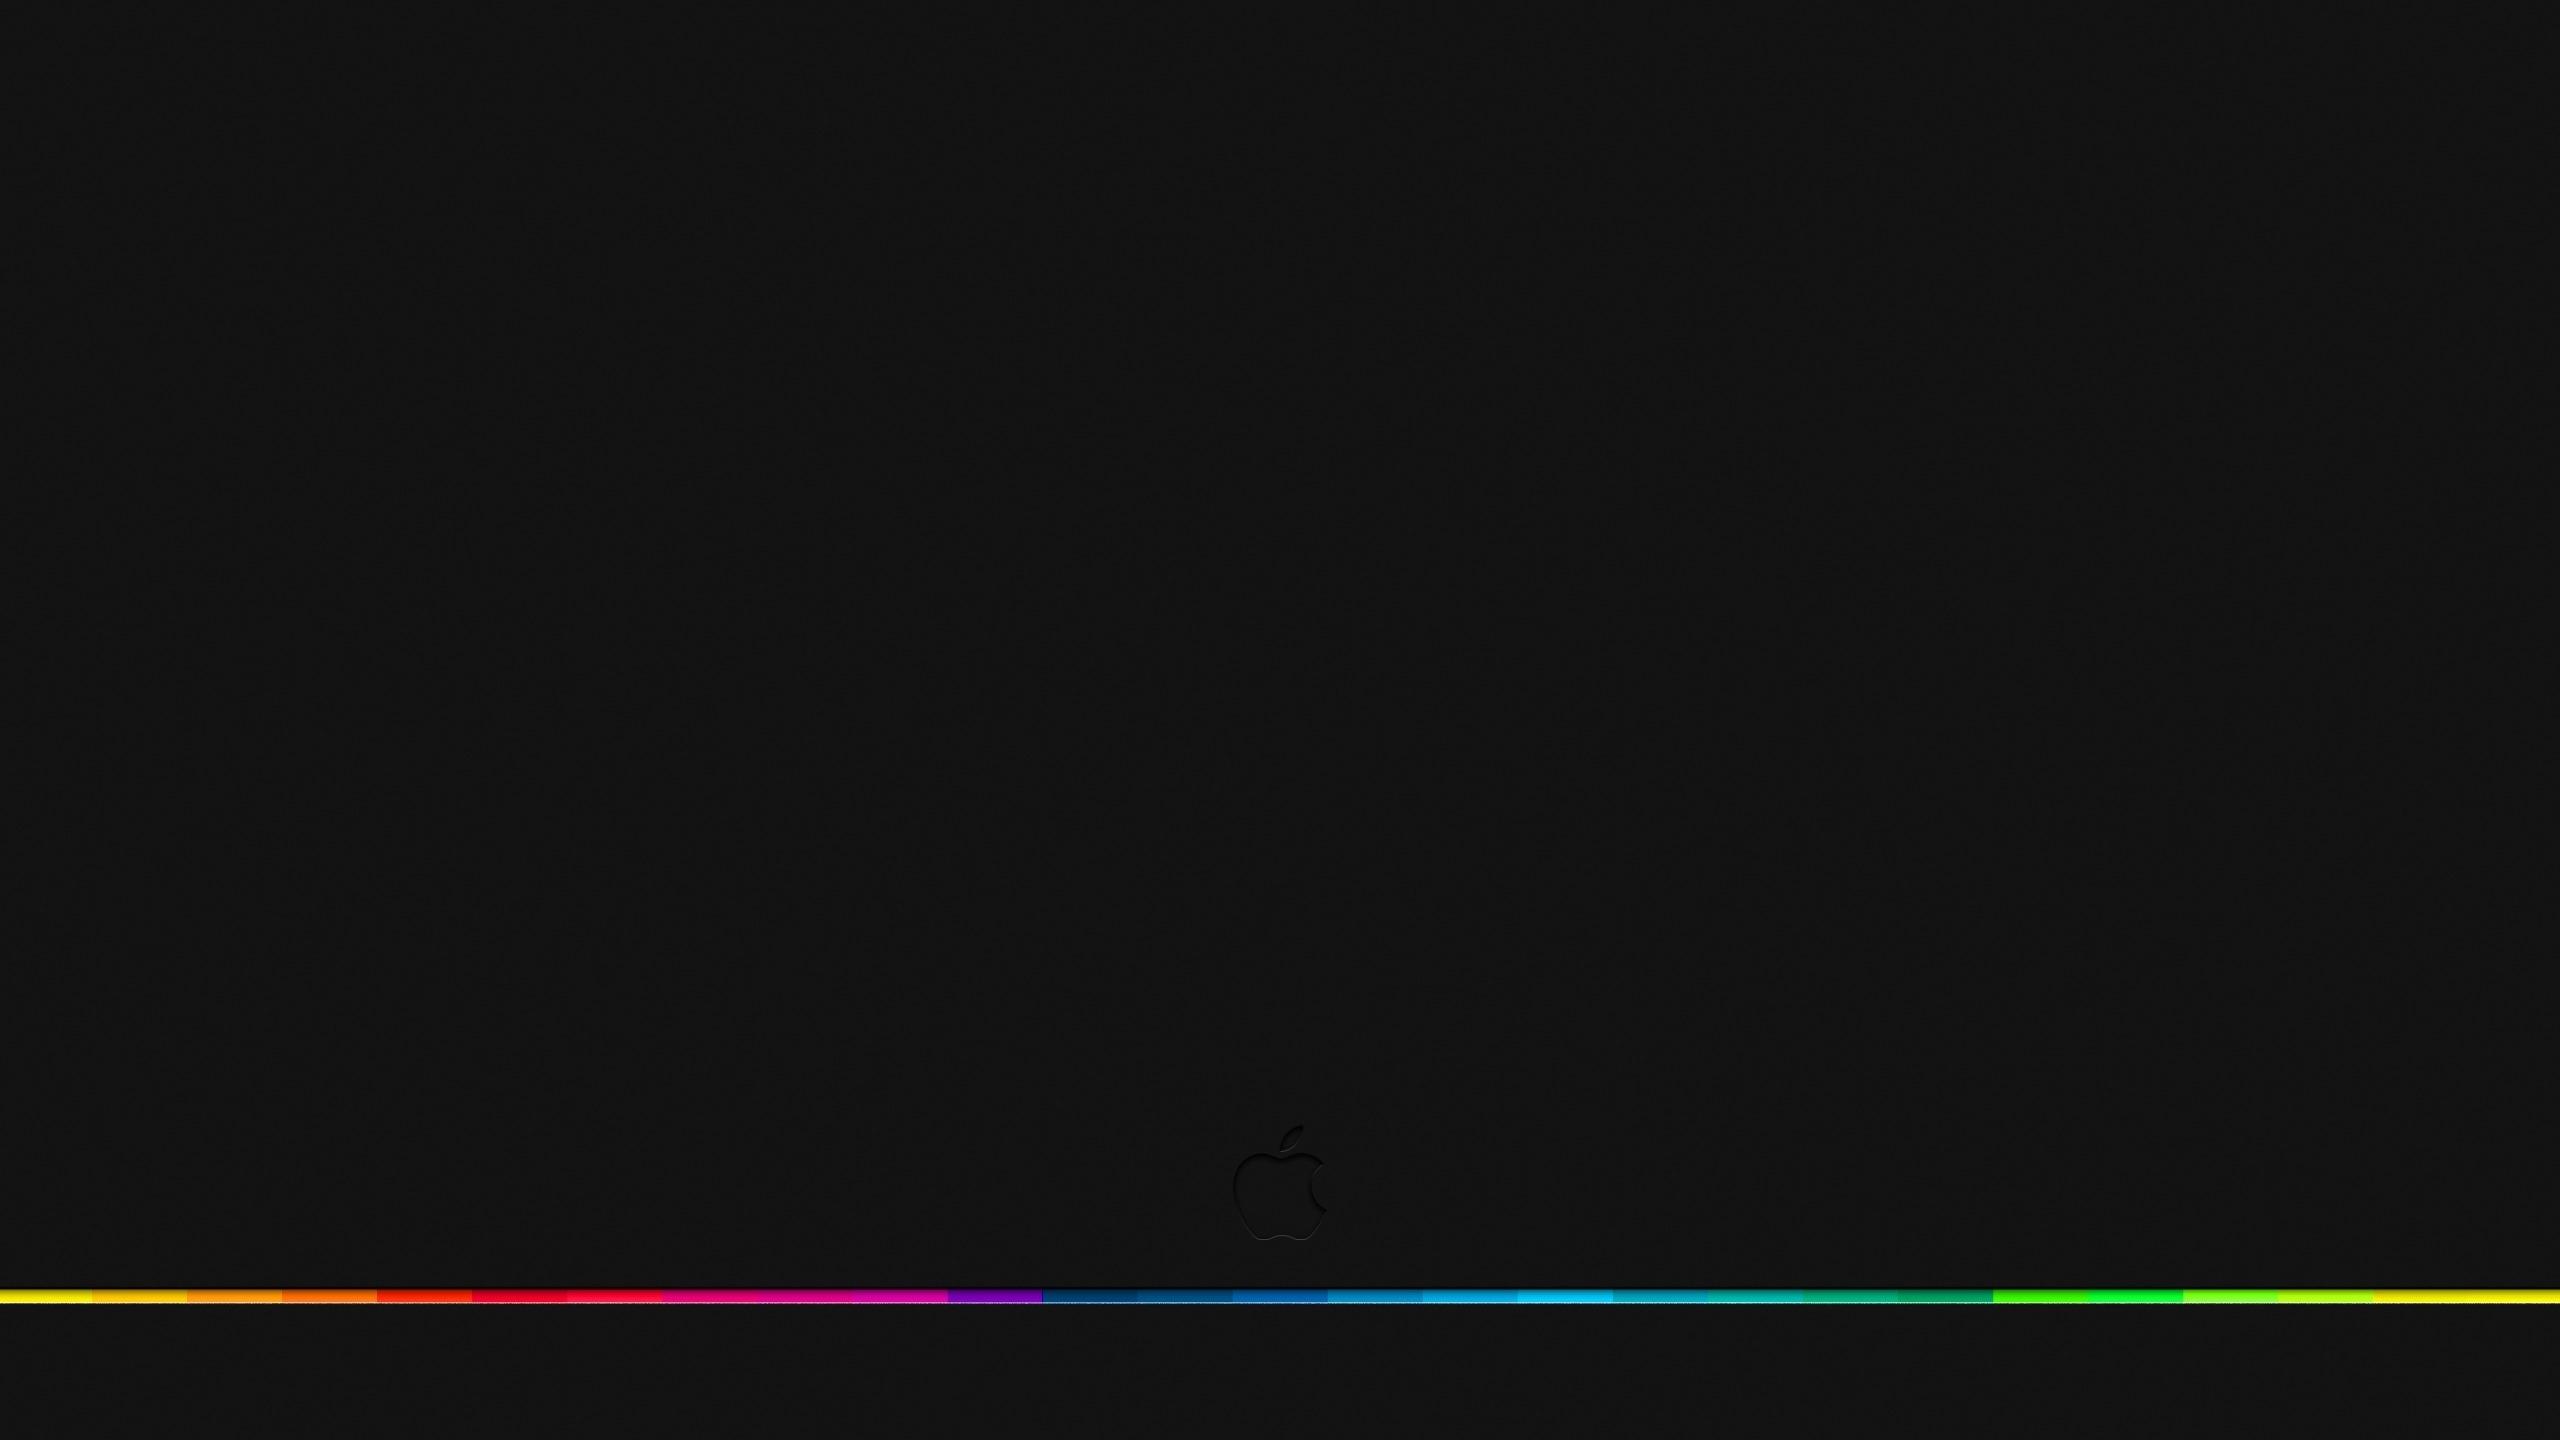 Iphone wallpaper dark blue - Imac Desktop Wallpaper 2560x1440 Wallpapersafari